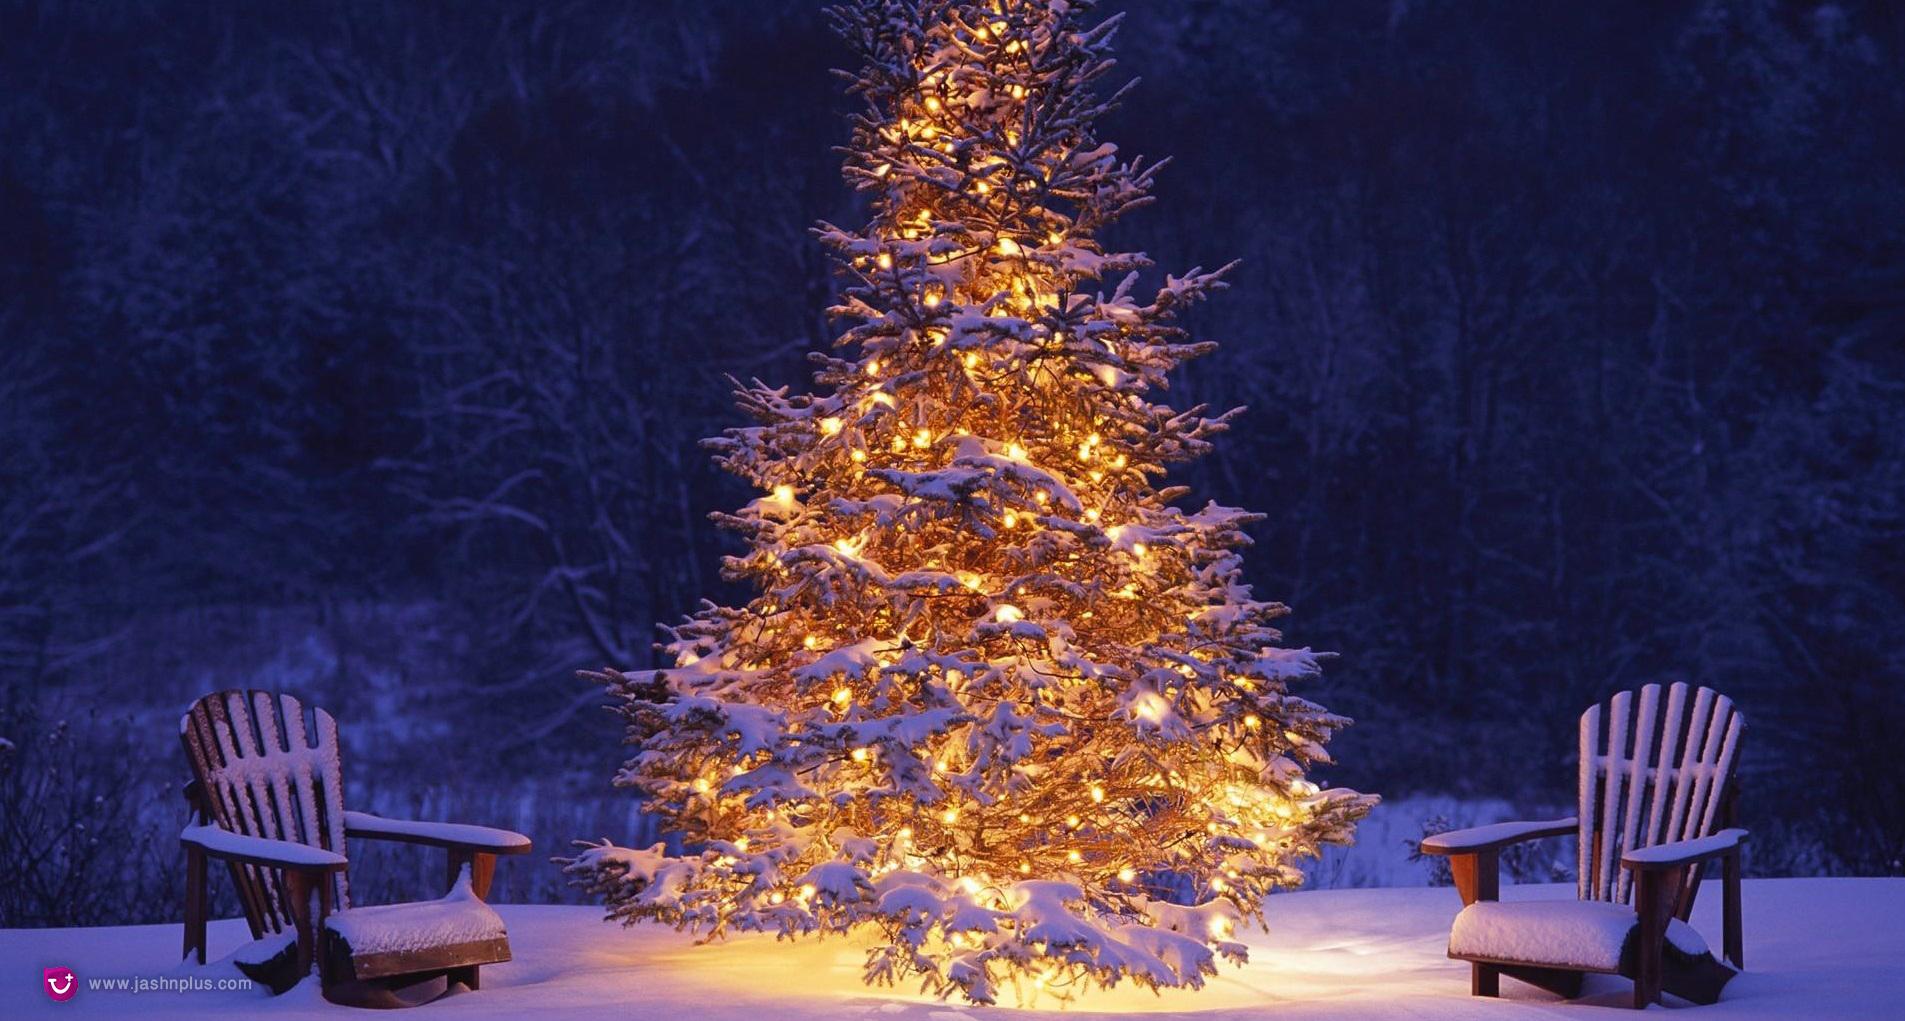 23 - کریسمس و یک میهمانی دور همی در روزهای سرد سال